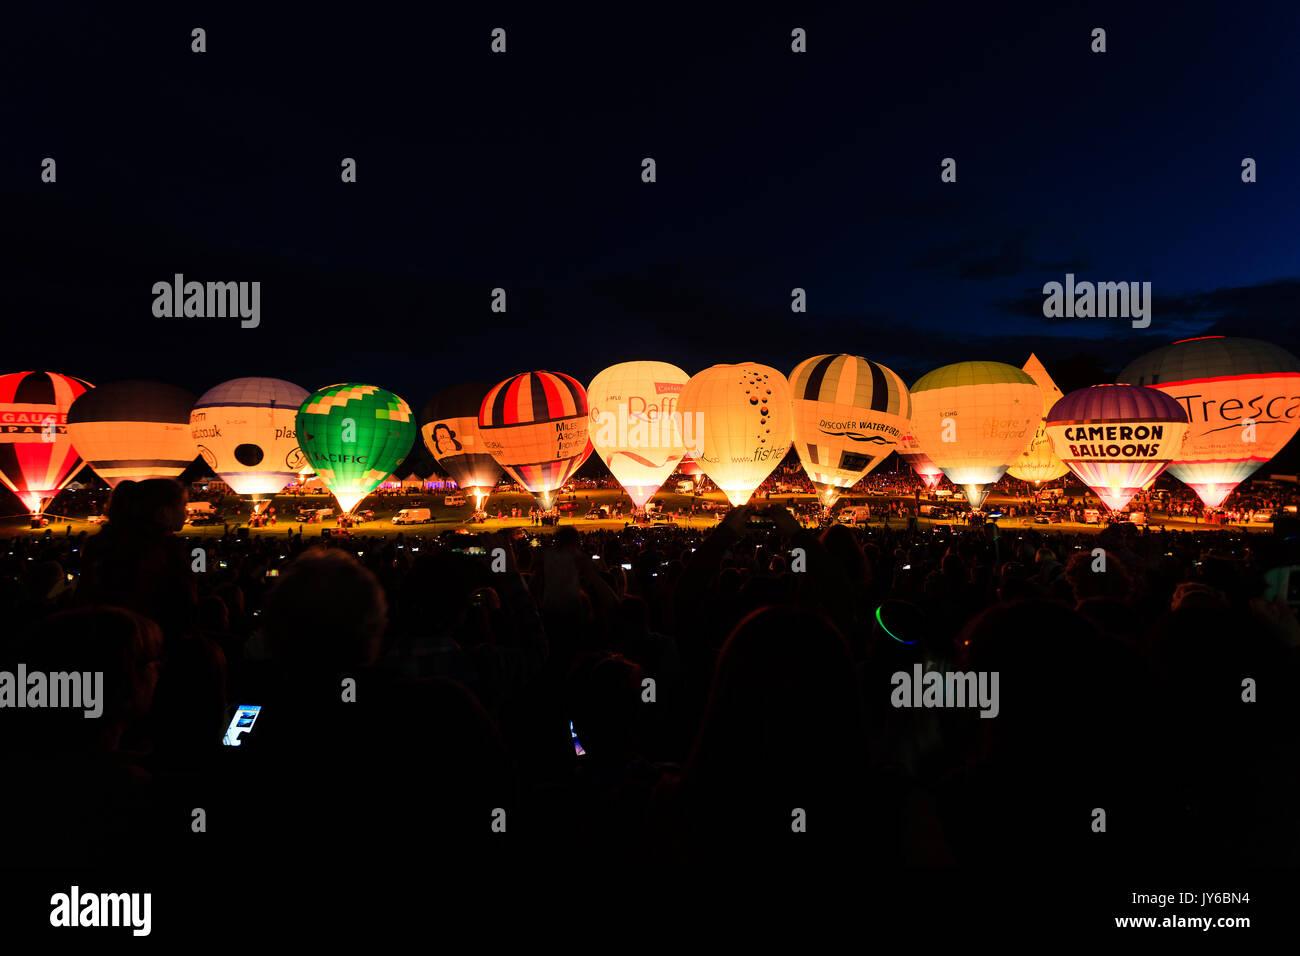 Una vista del Resplandor Nocturno en Bristol Balloon Fiesta 2017 en Ashton Court, Bristol. Foto de stock